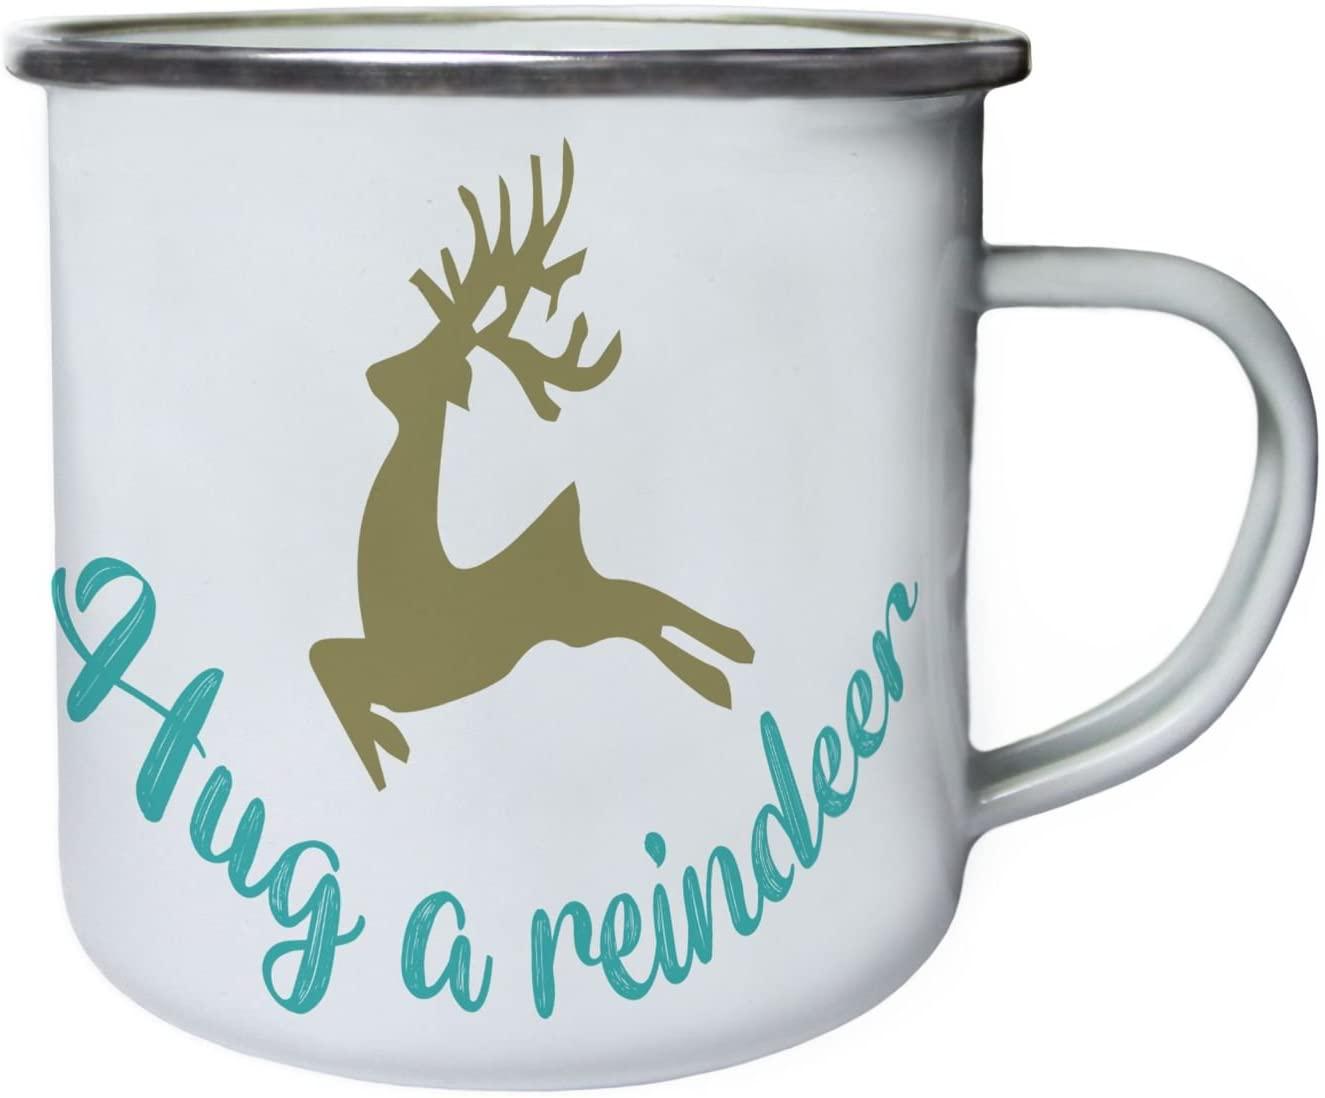 Hug A Reindeer Retro,Tin, Enamel 10oz Mug t962e